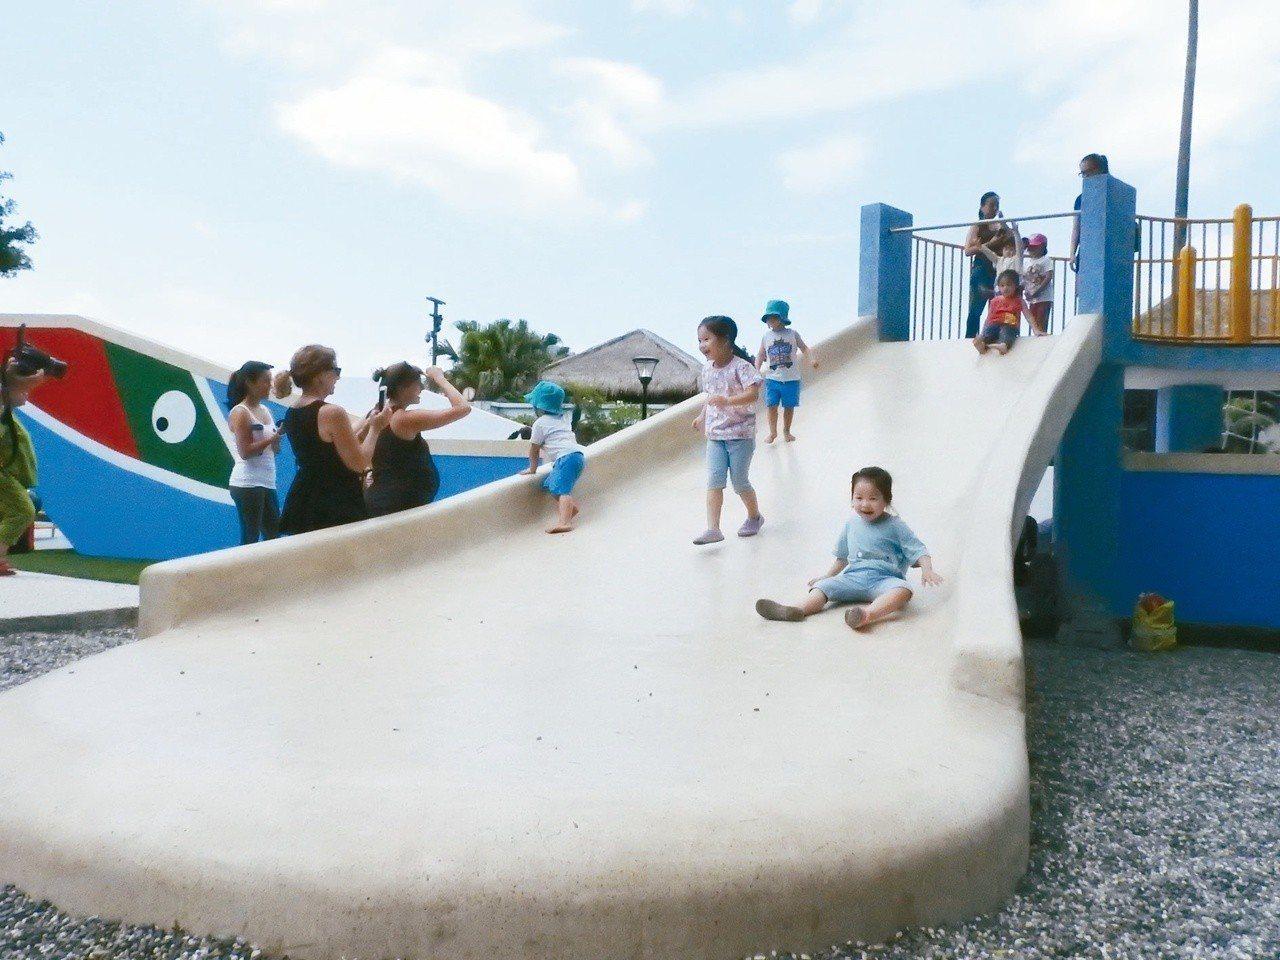 淡水觀潮廣場共融性遊戲場,其中超大磨石子溜滑梯,大人小孩可一起玩。記者祁容玉/攝...